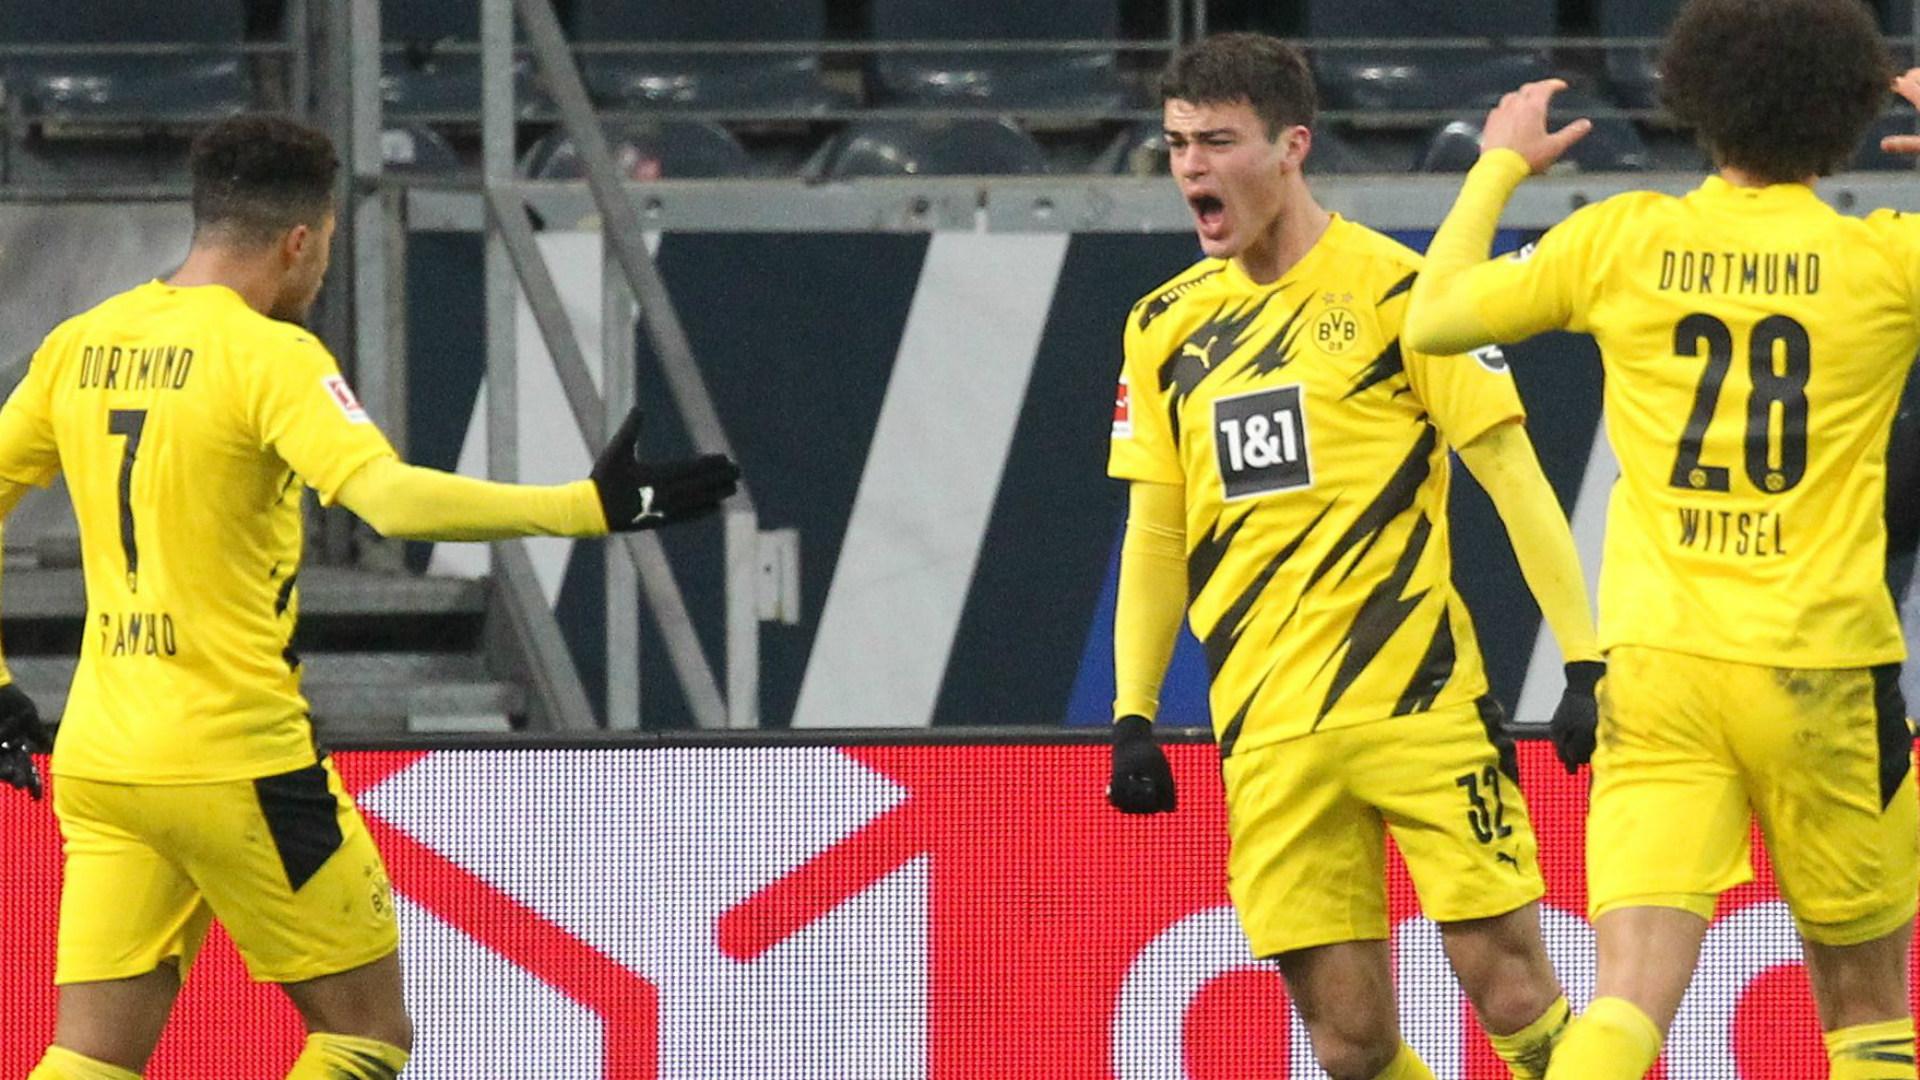 Wann Spielt Dortmund Heute